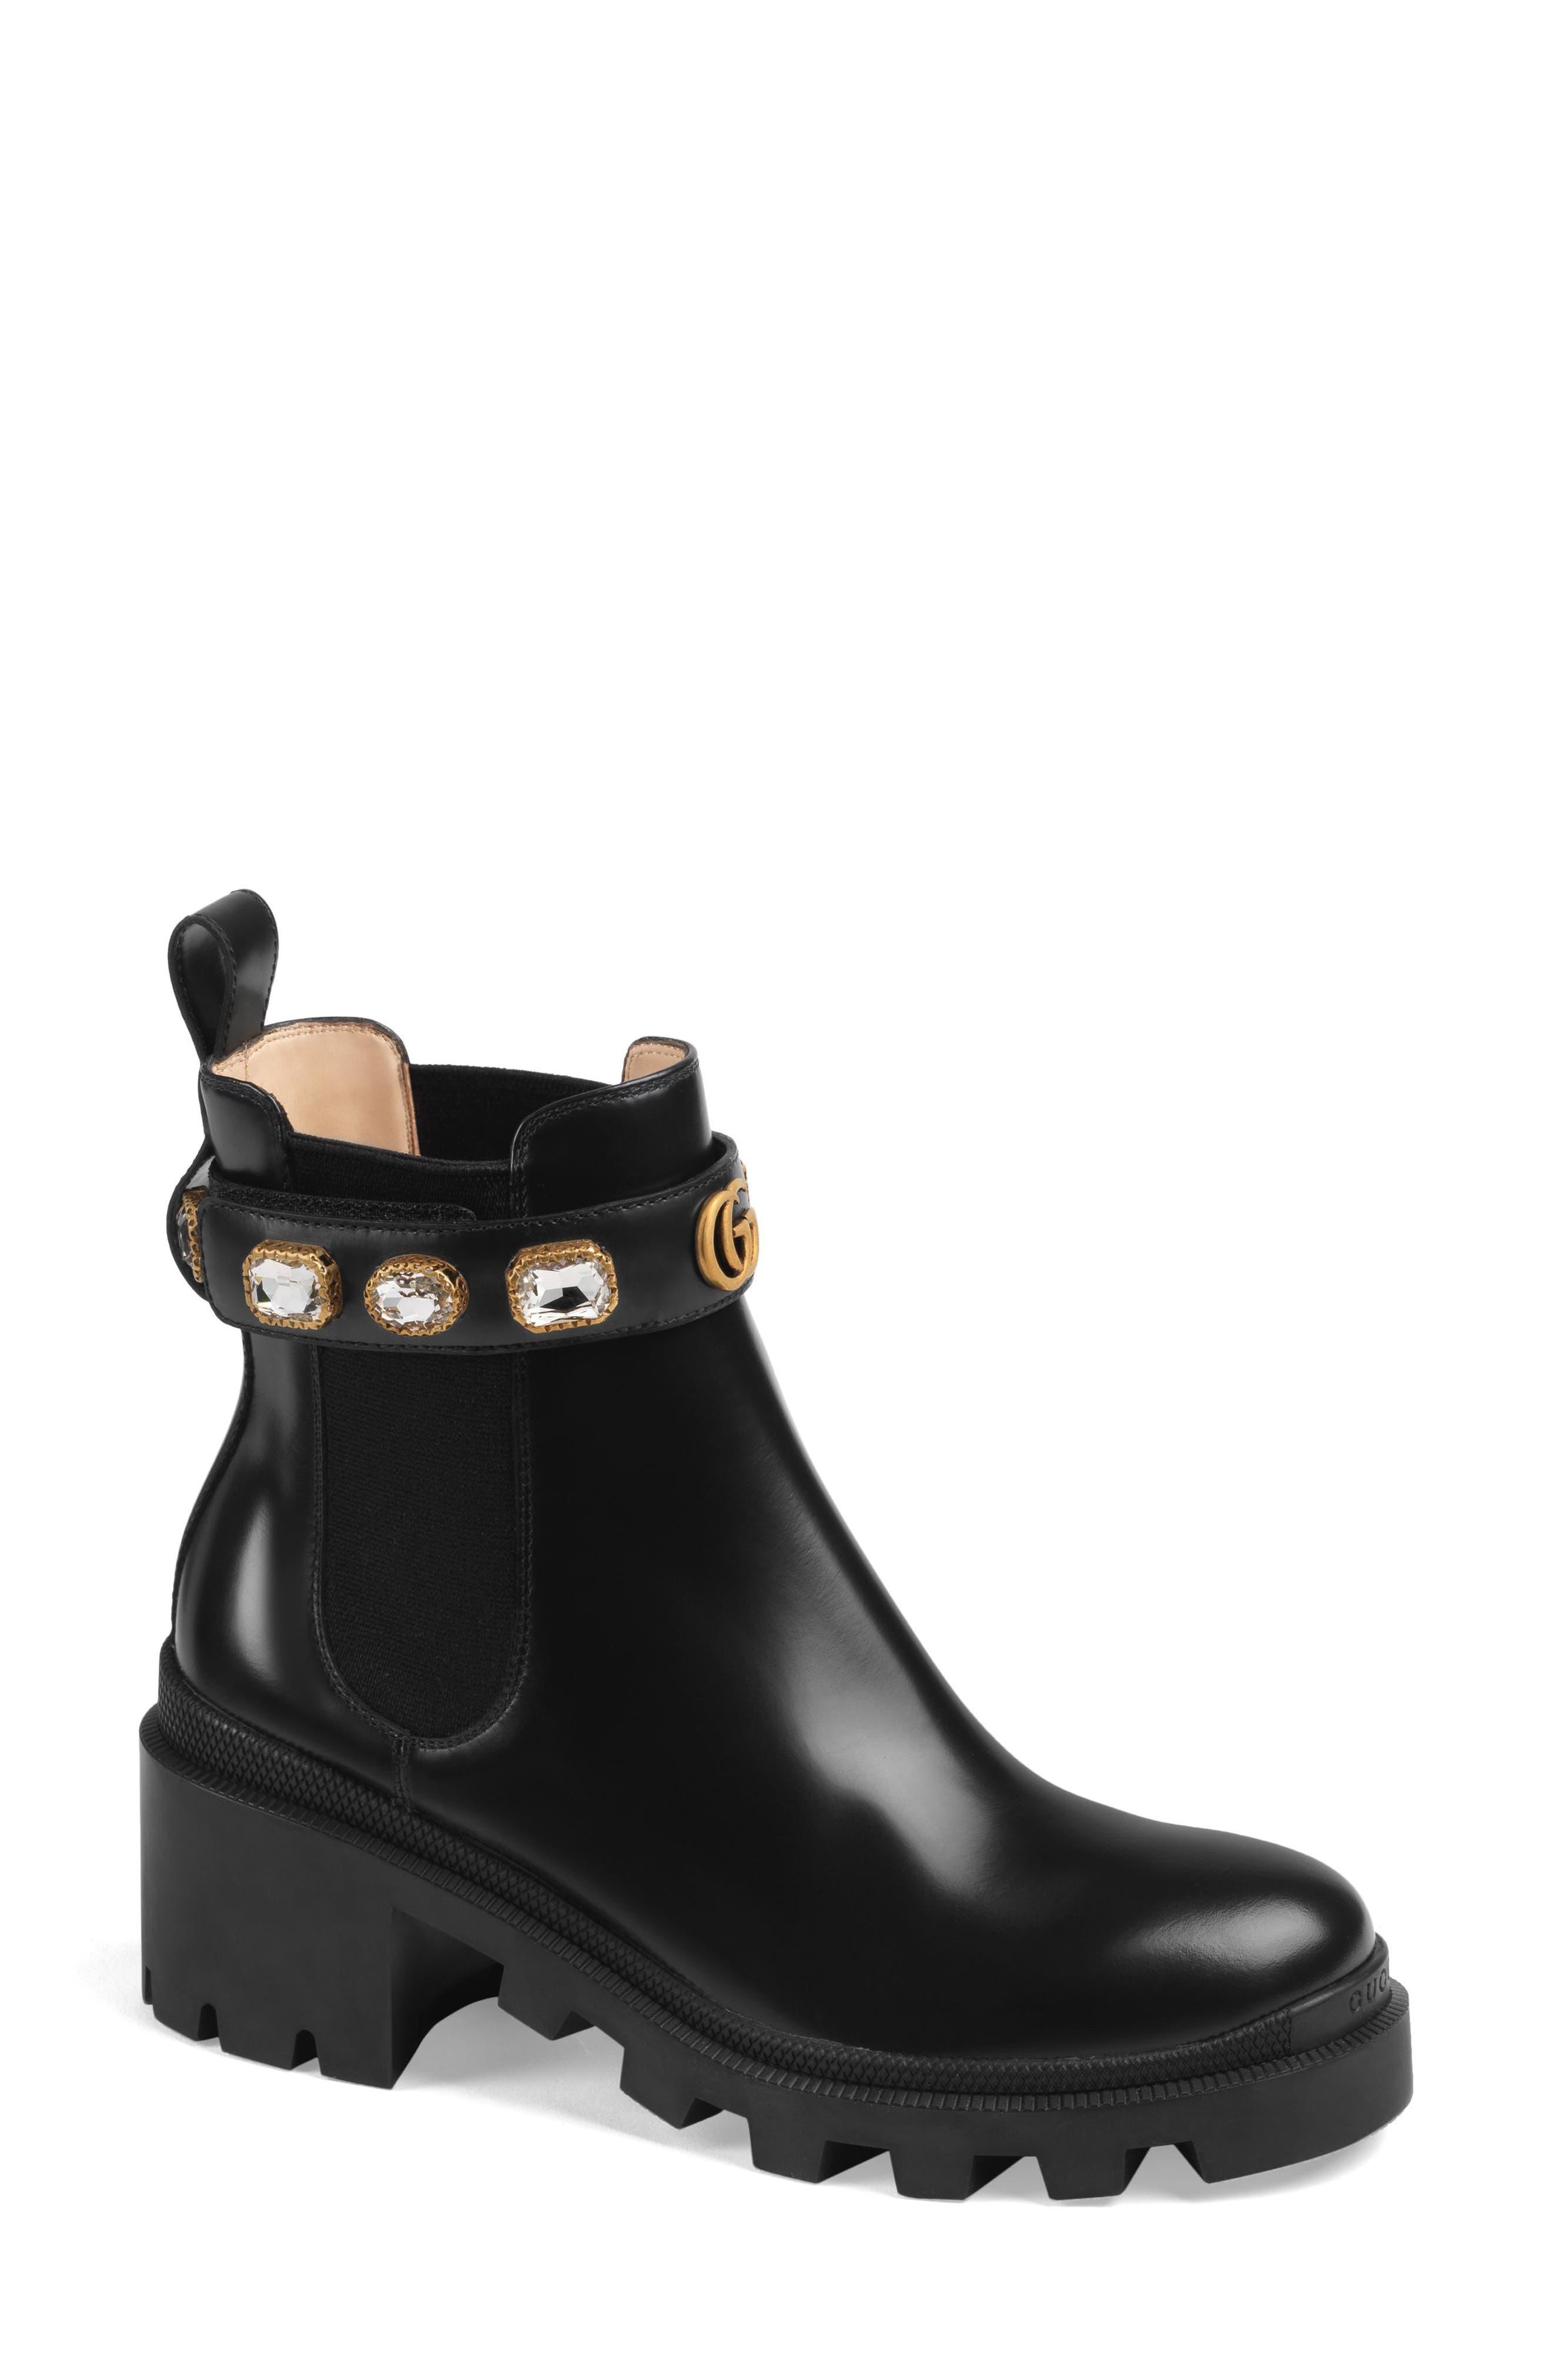 d90137953c1 Women s Gucci Boots